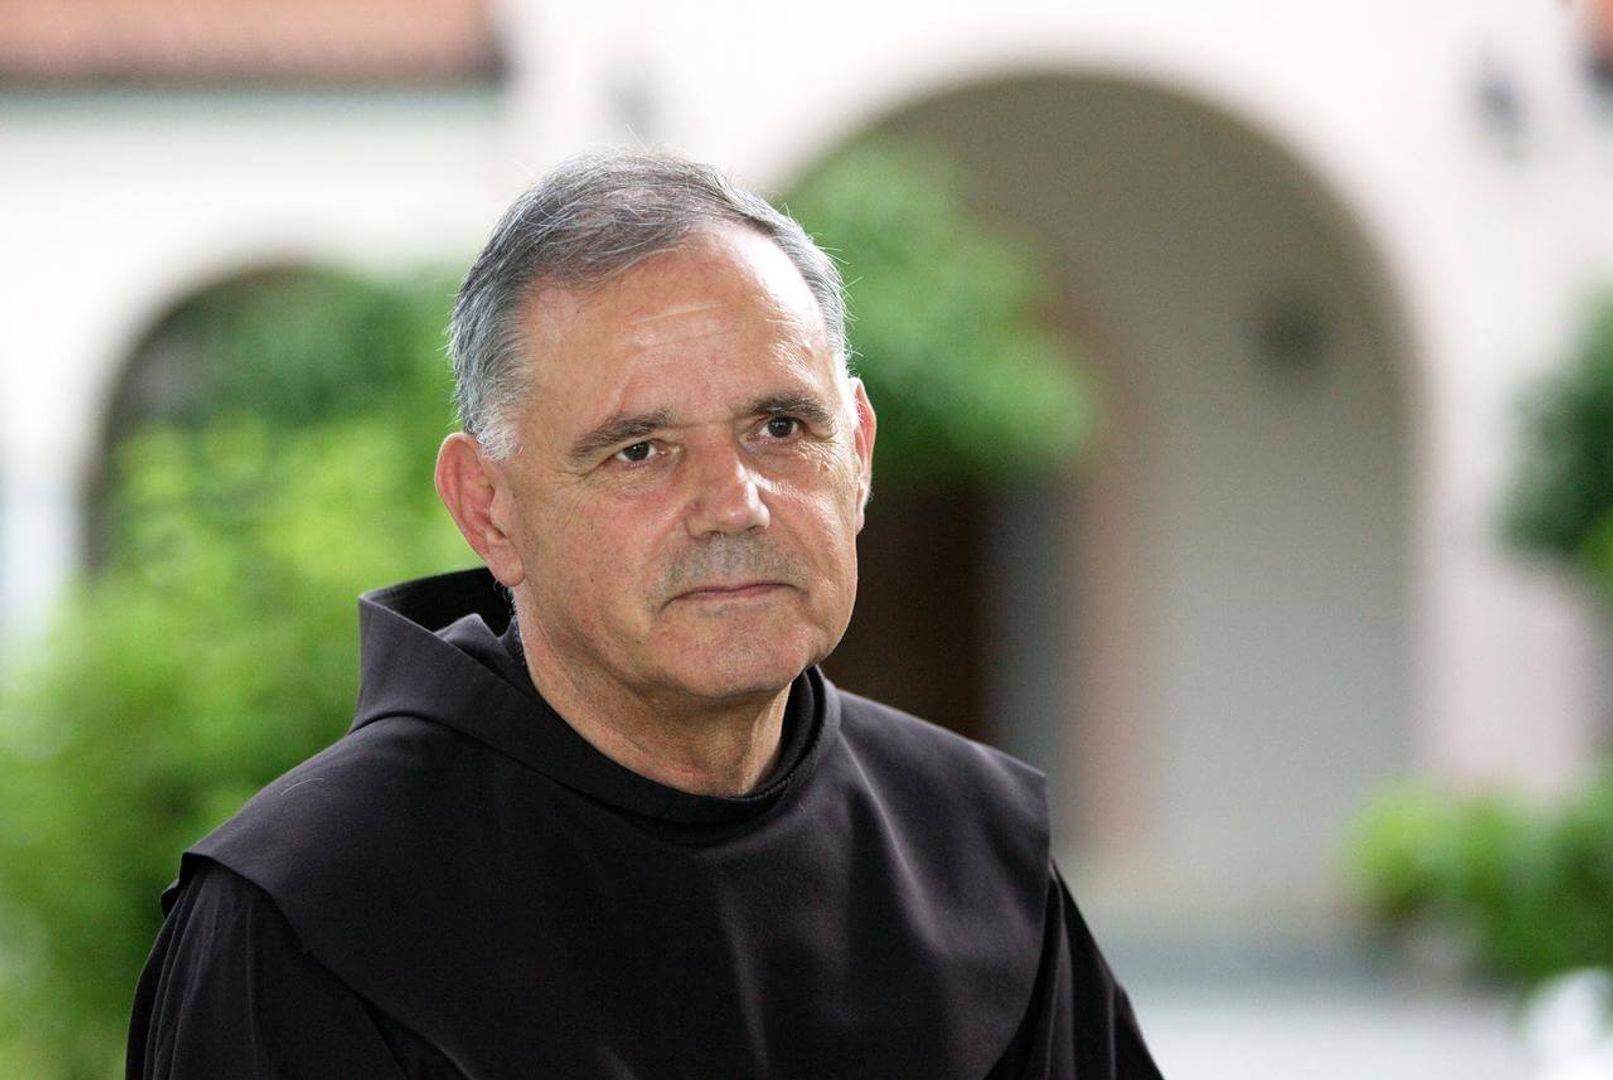 Pater Jozo Zovko